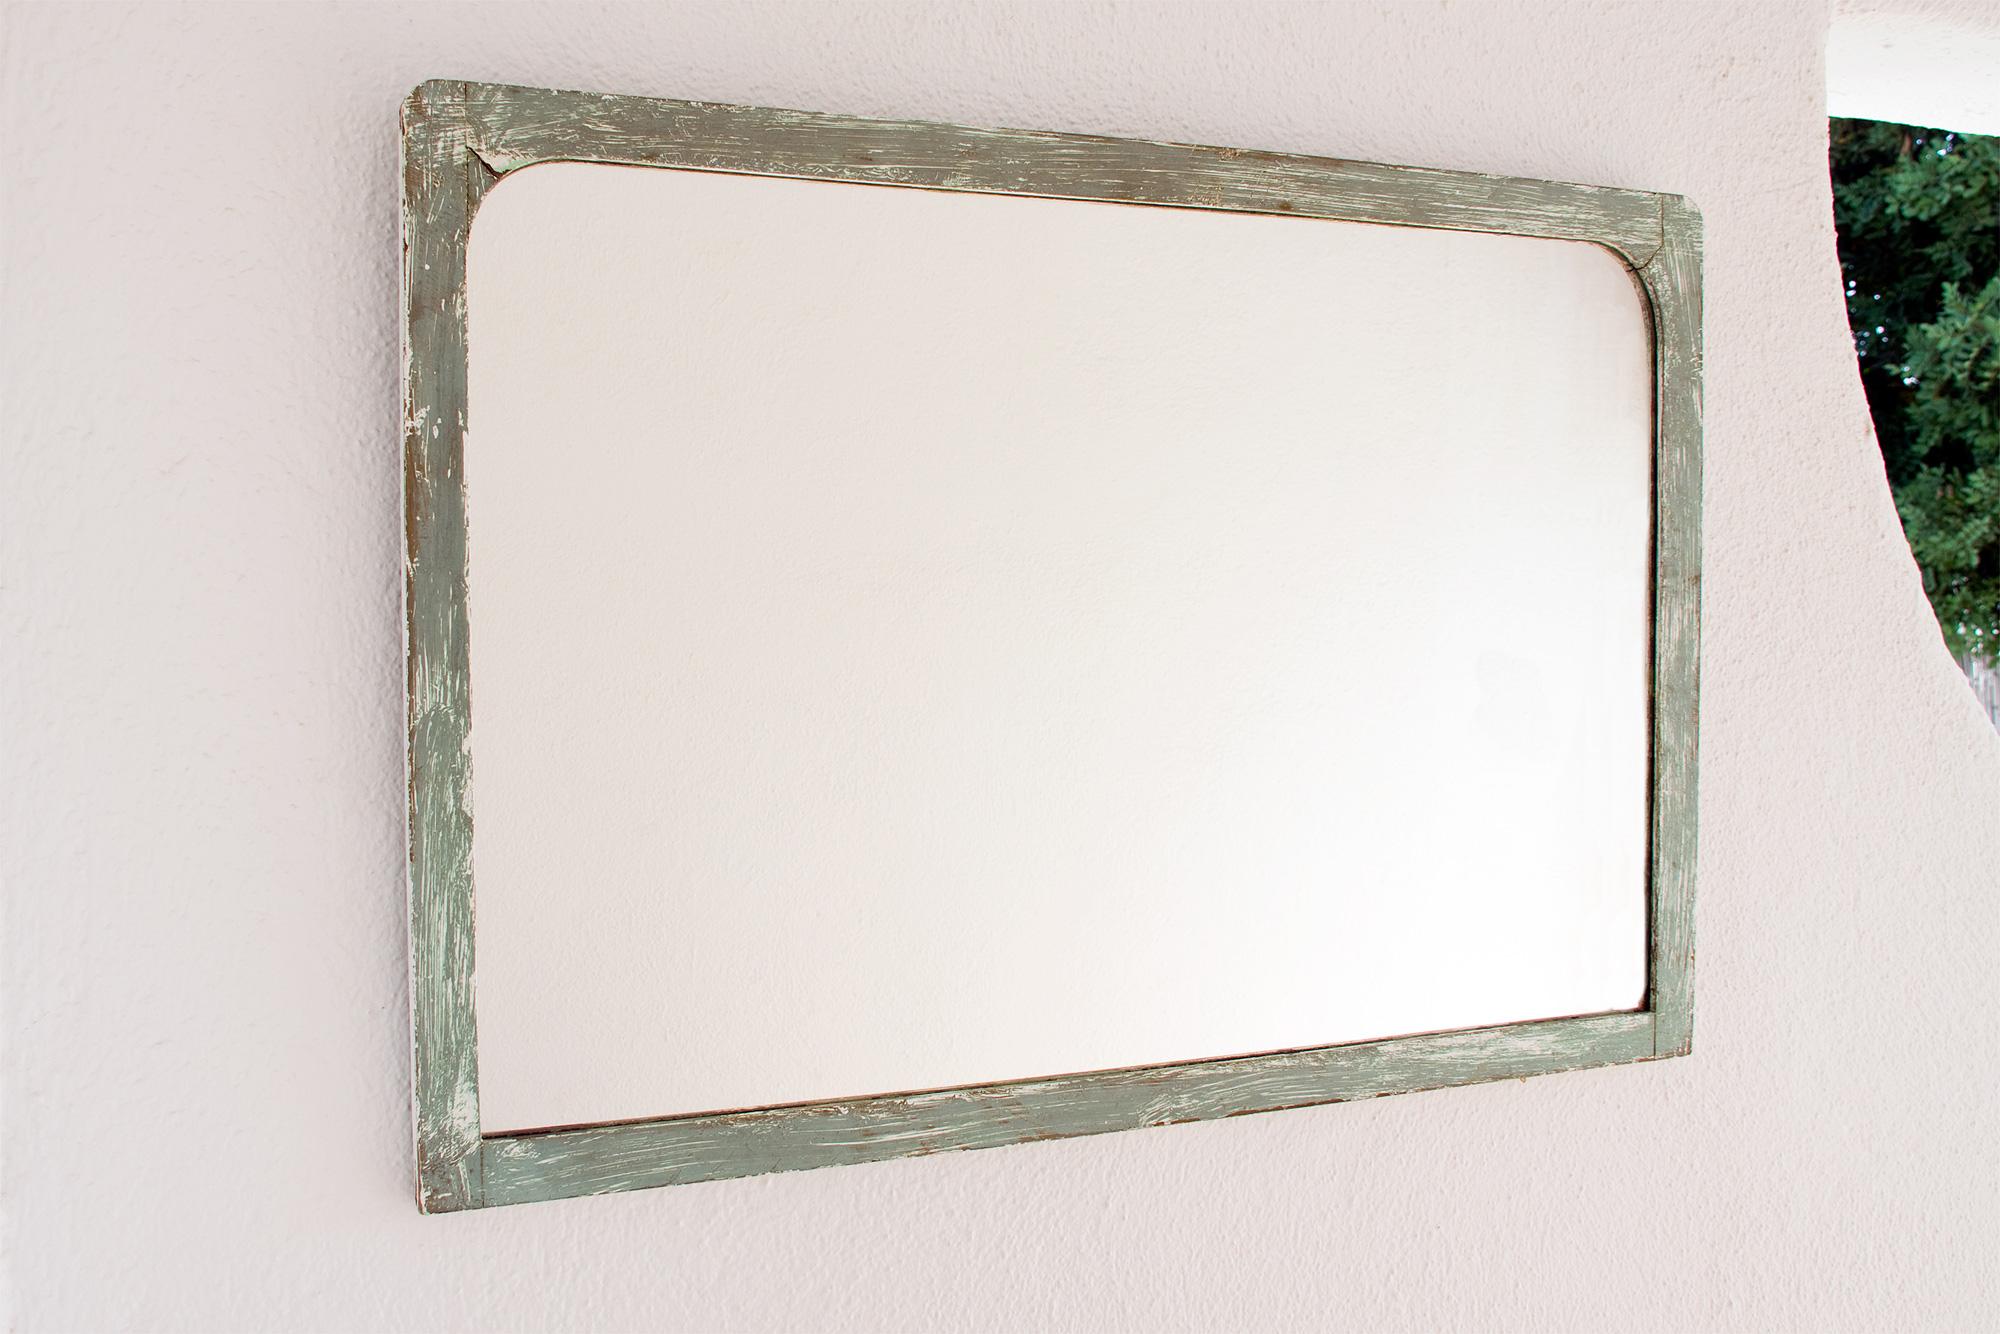 Espejo marco verde envejecido